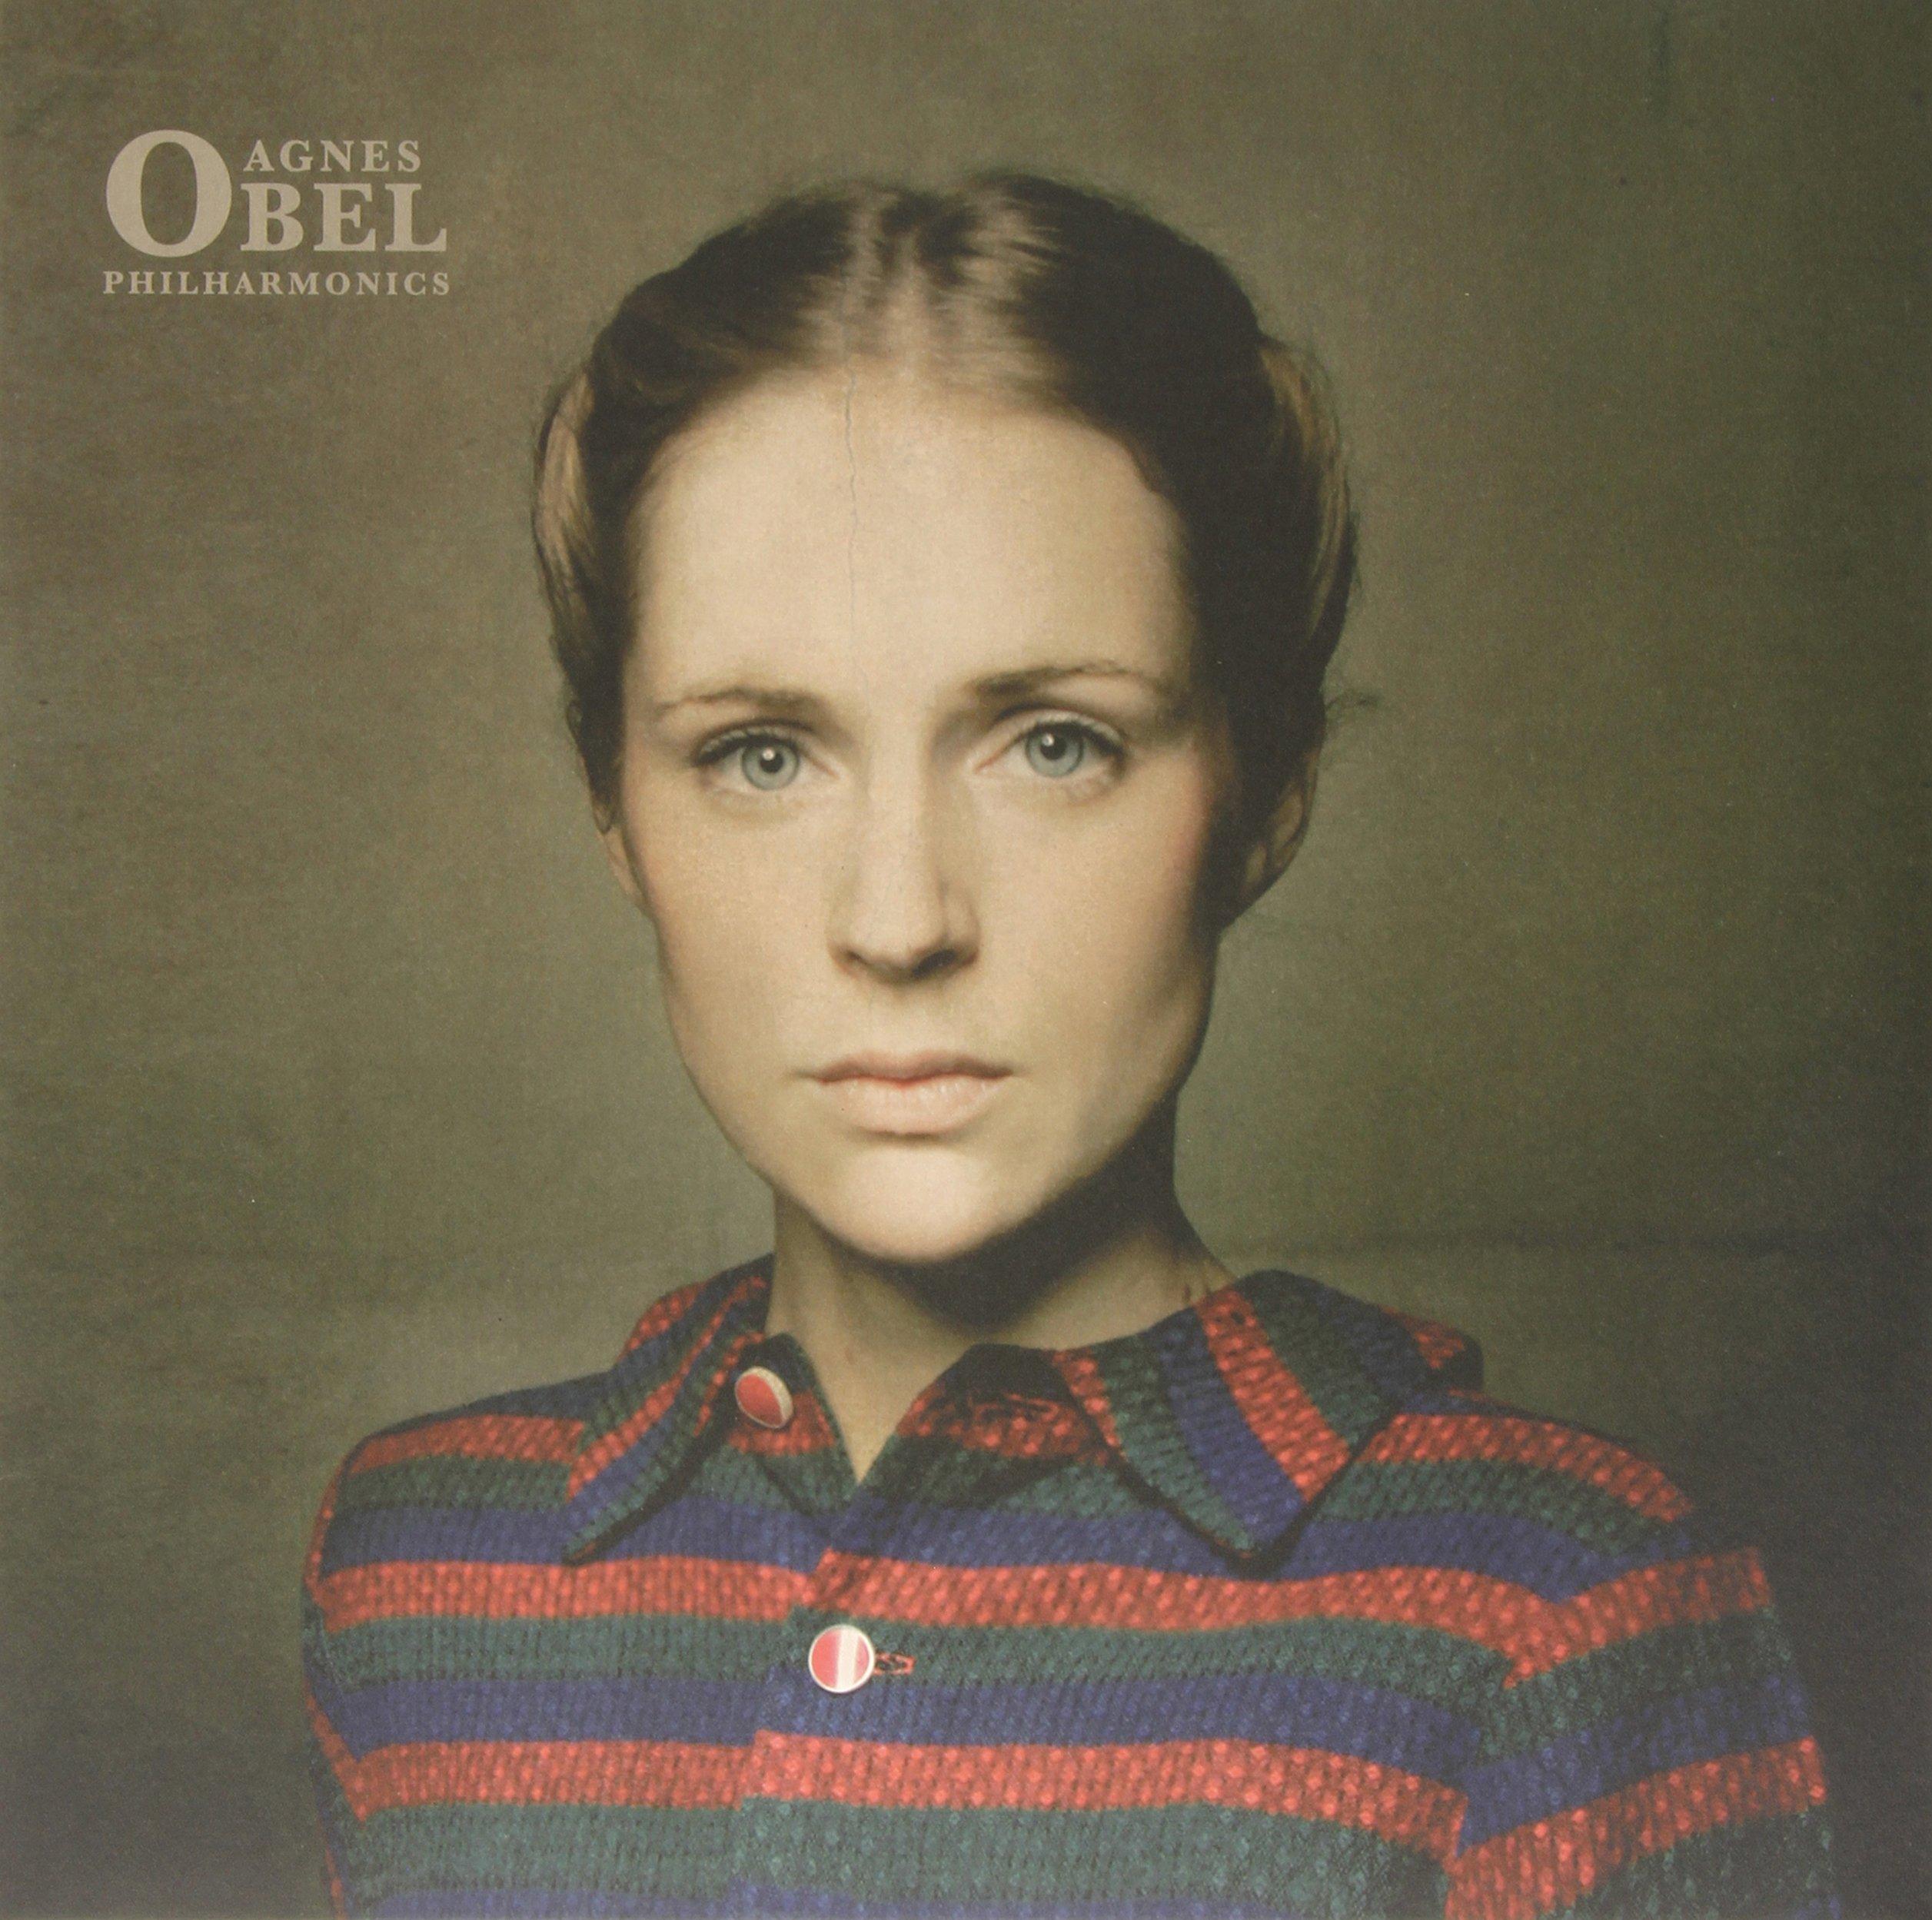 Vinilo : Agnes Obel - Philharmonics (LP Vinyl) {OU}